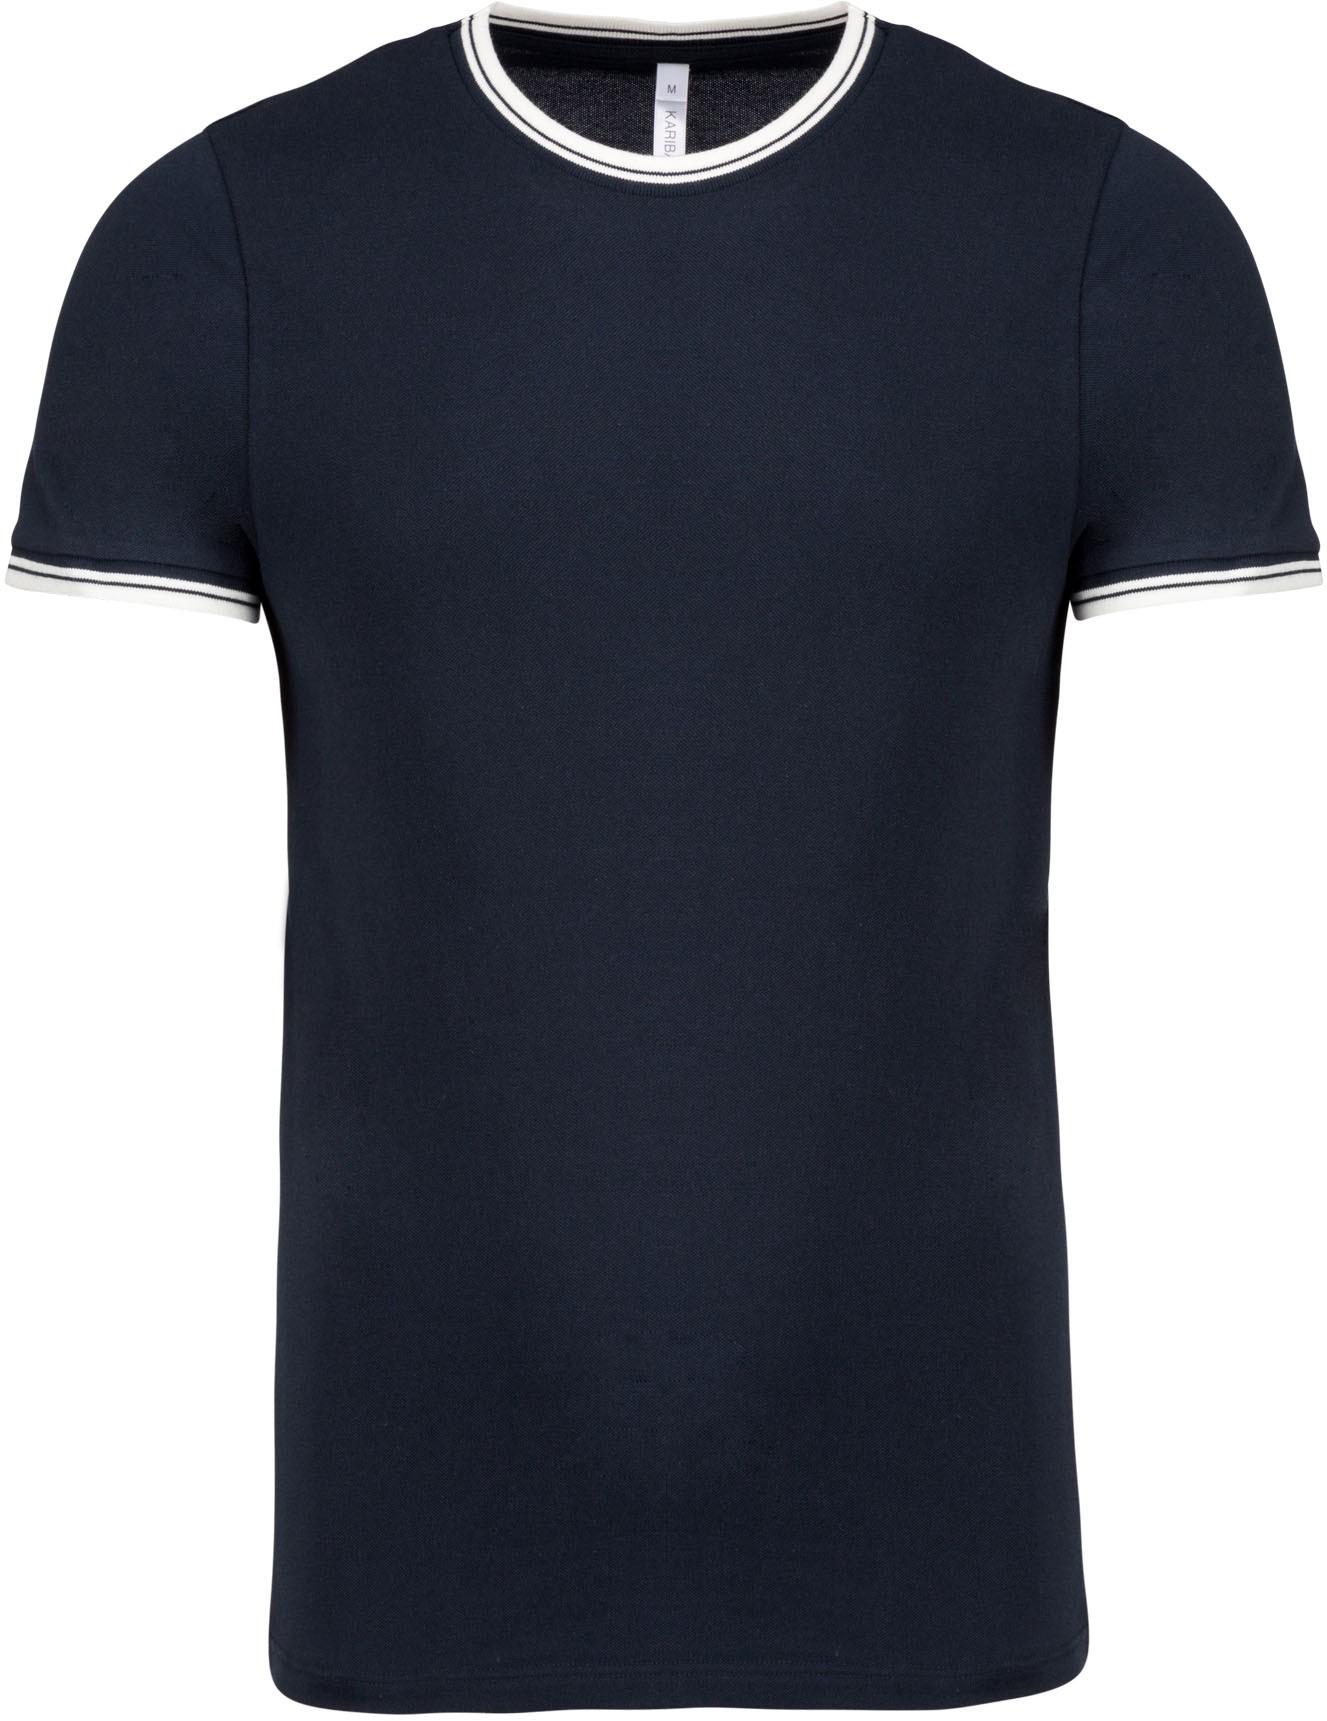 T-shirt de homem em malha piqué com decote redondo